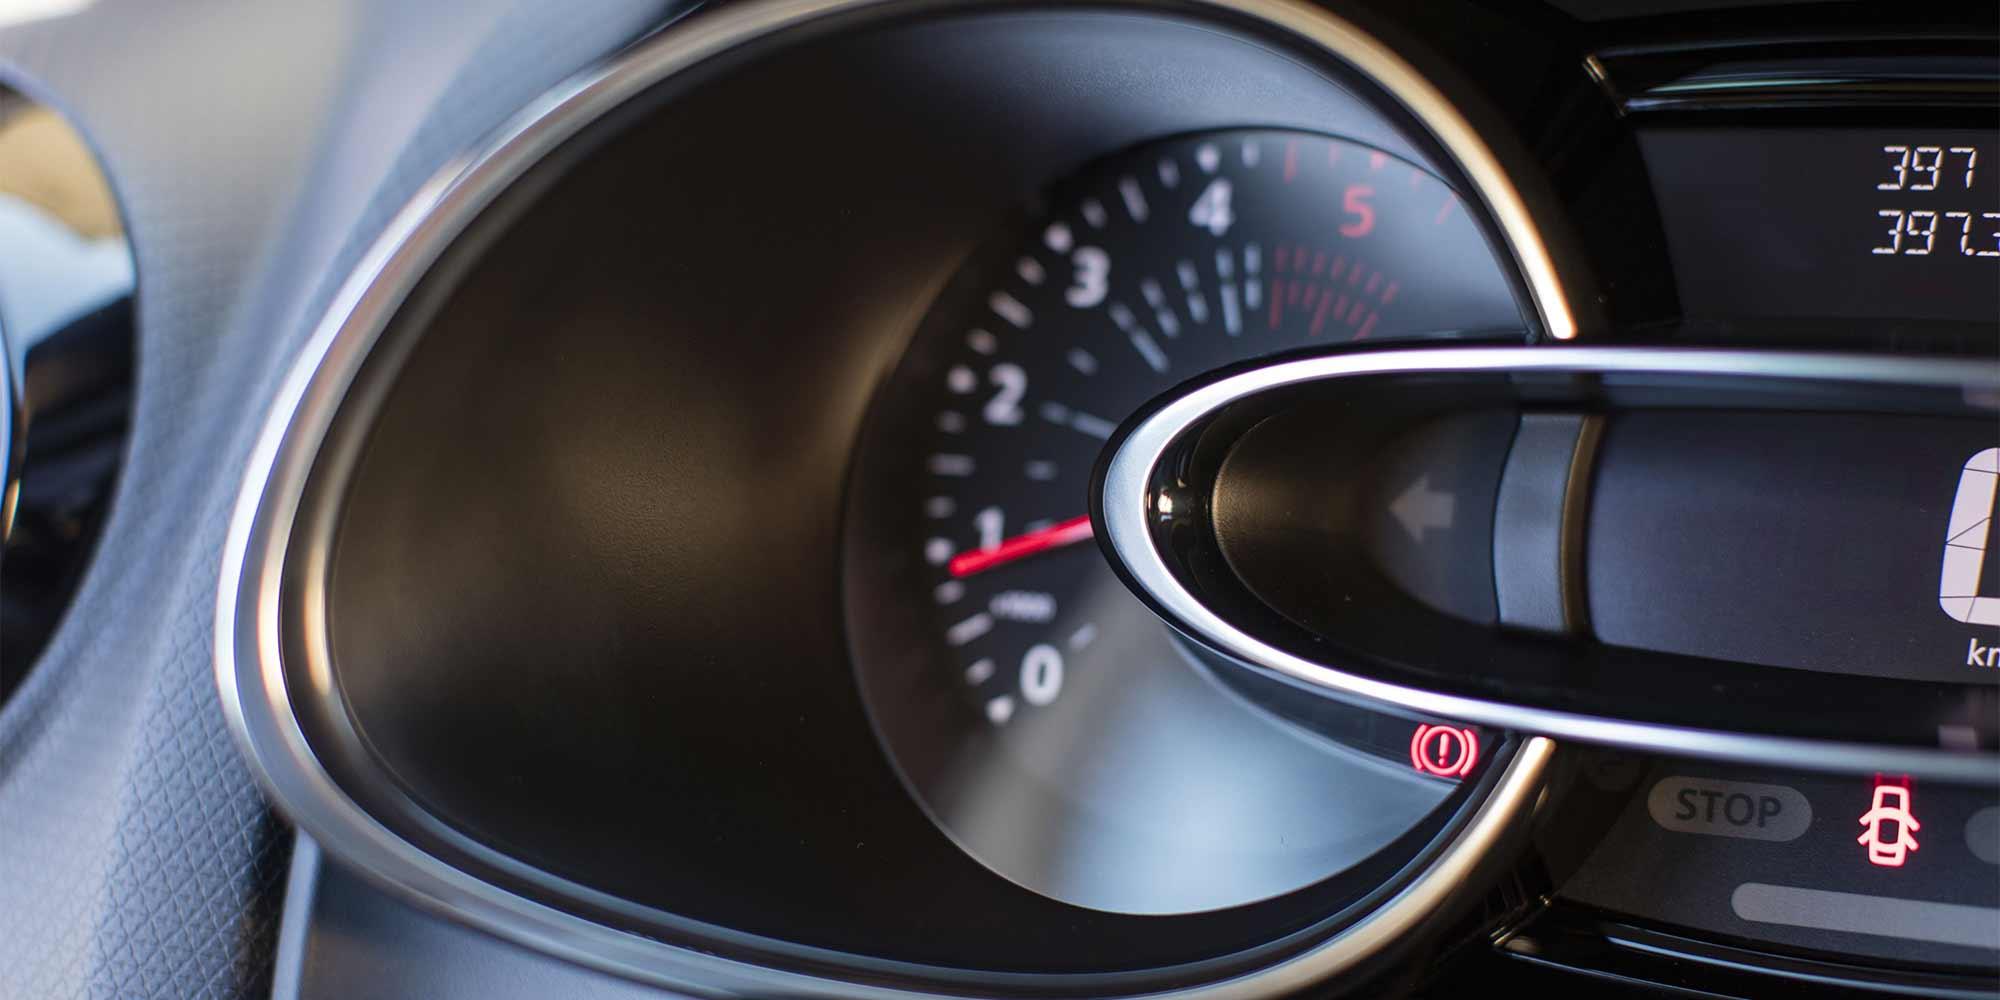 Clio, Drehzahlmesser, Renault, 2016